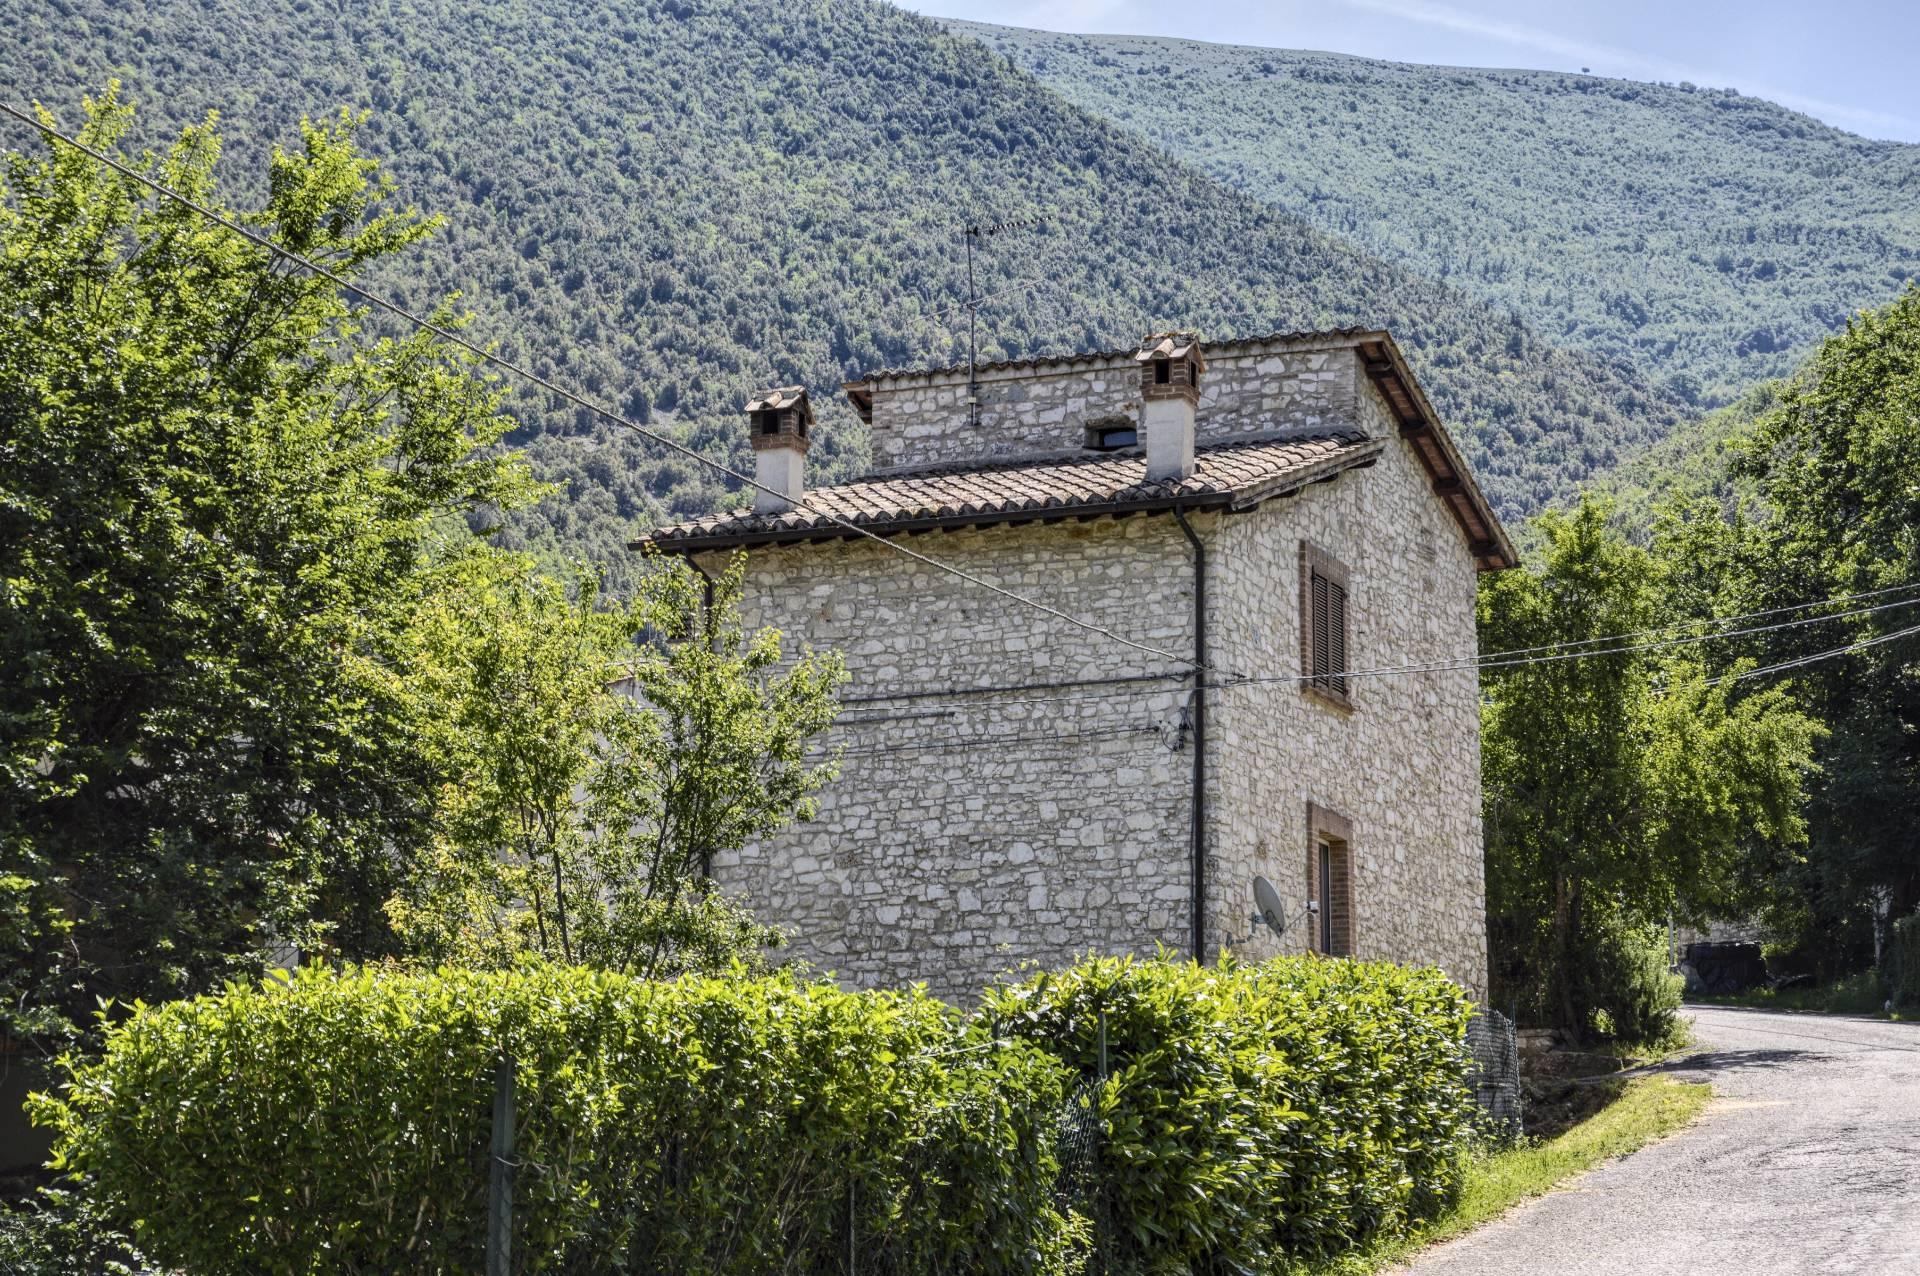 Rustico / Casale in vendita a Ferentillo, 3 locali, zona Zona: Terria, prezzo € 50.000 | Cambio Casa.it